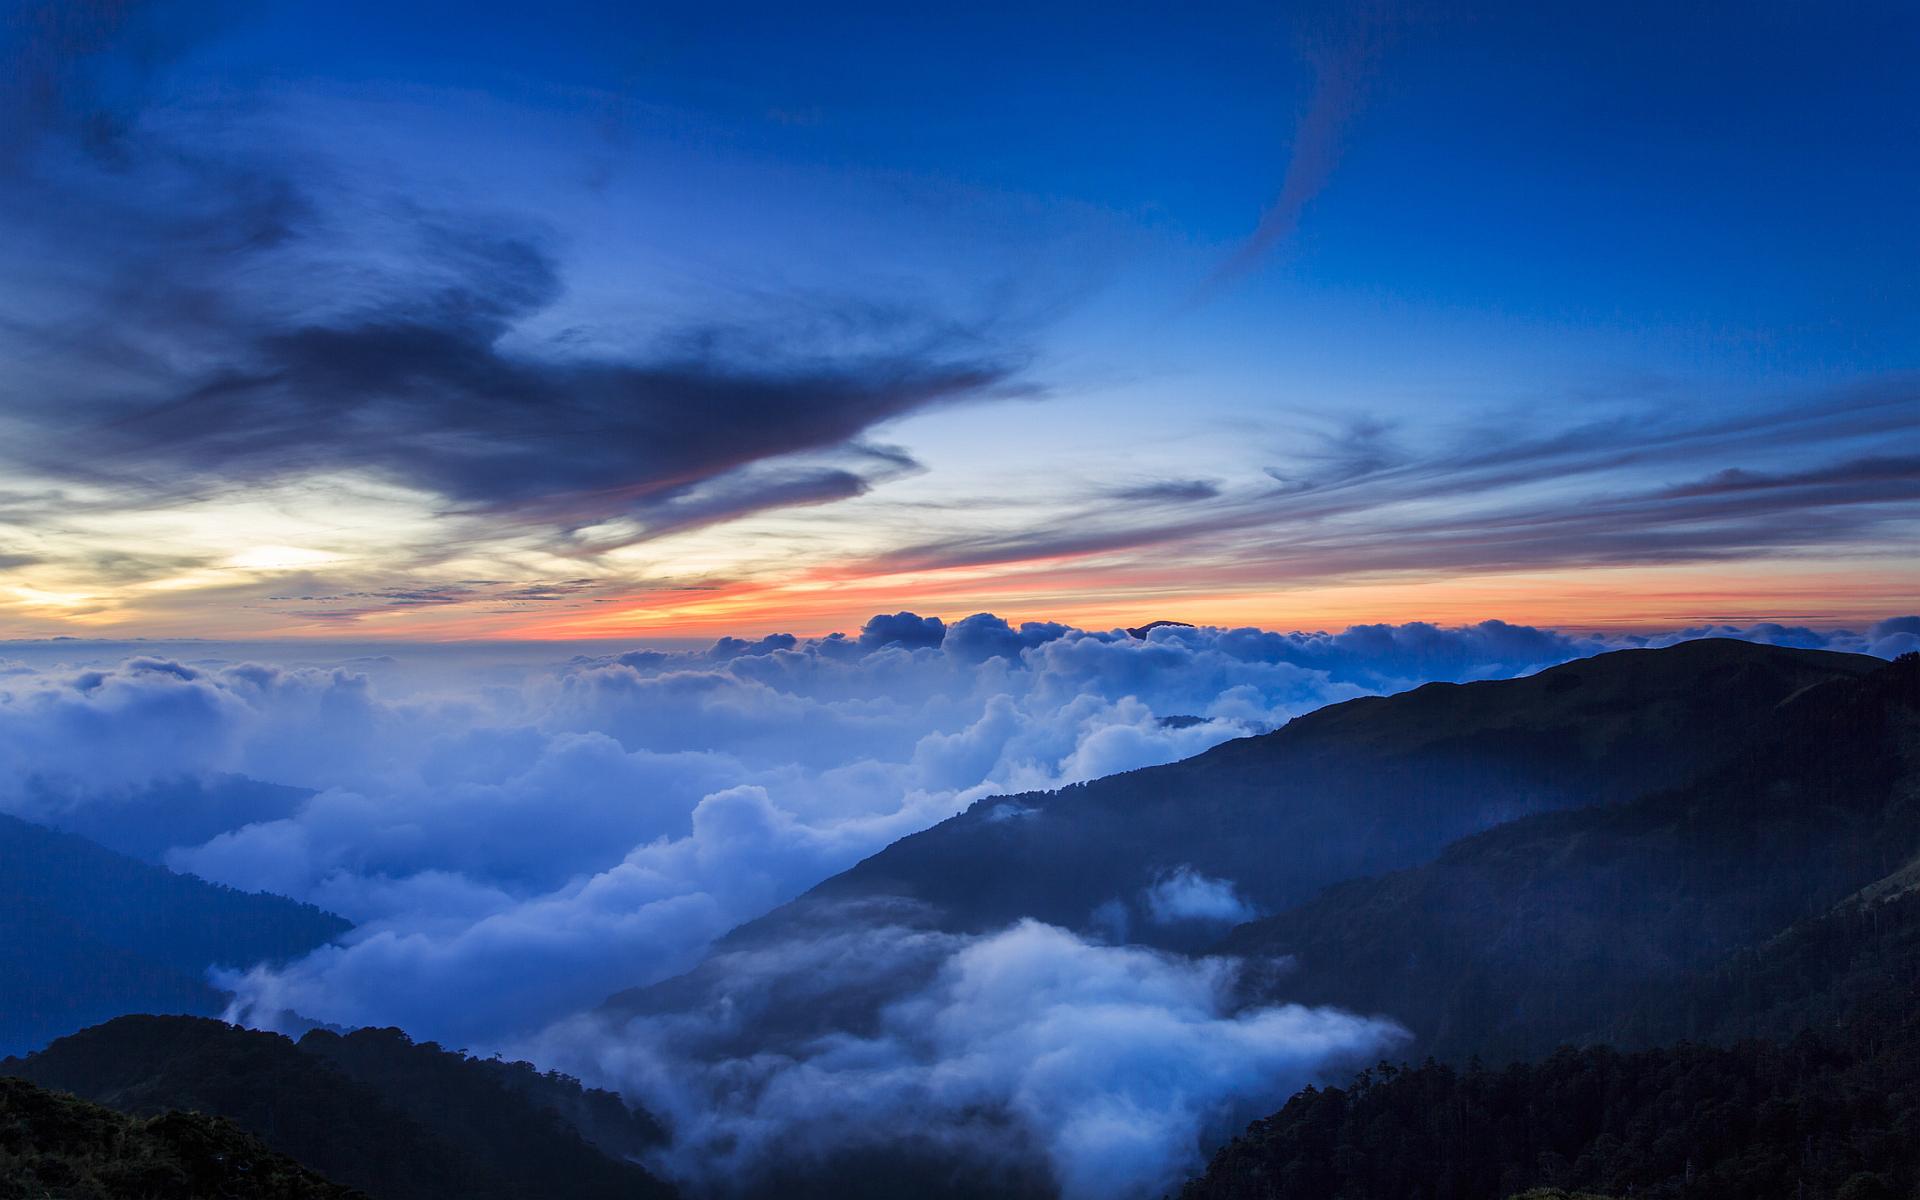 Landscape mountains evening